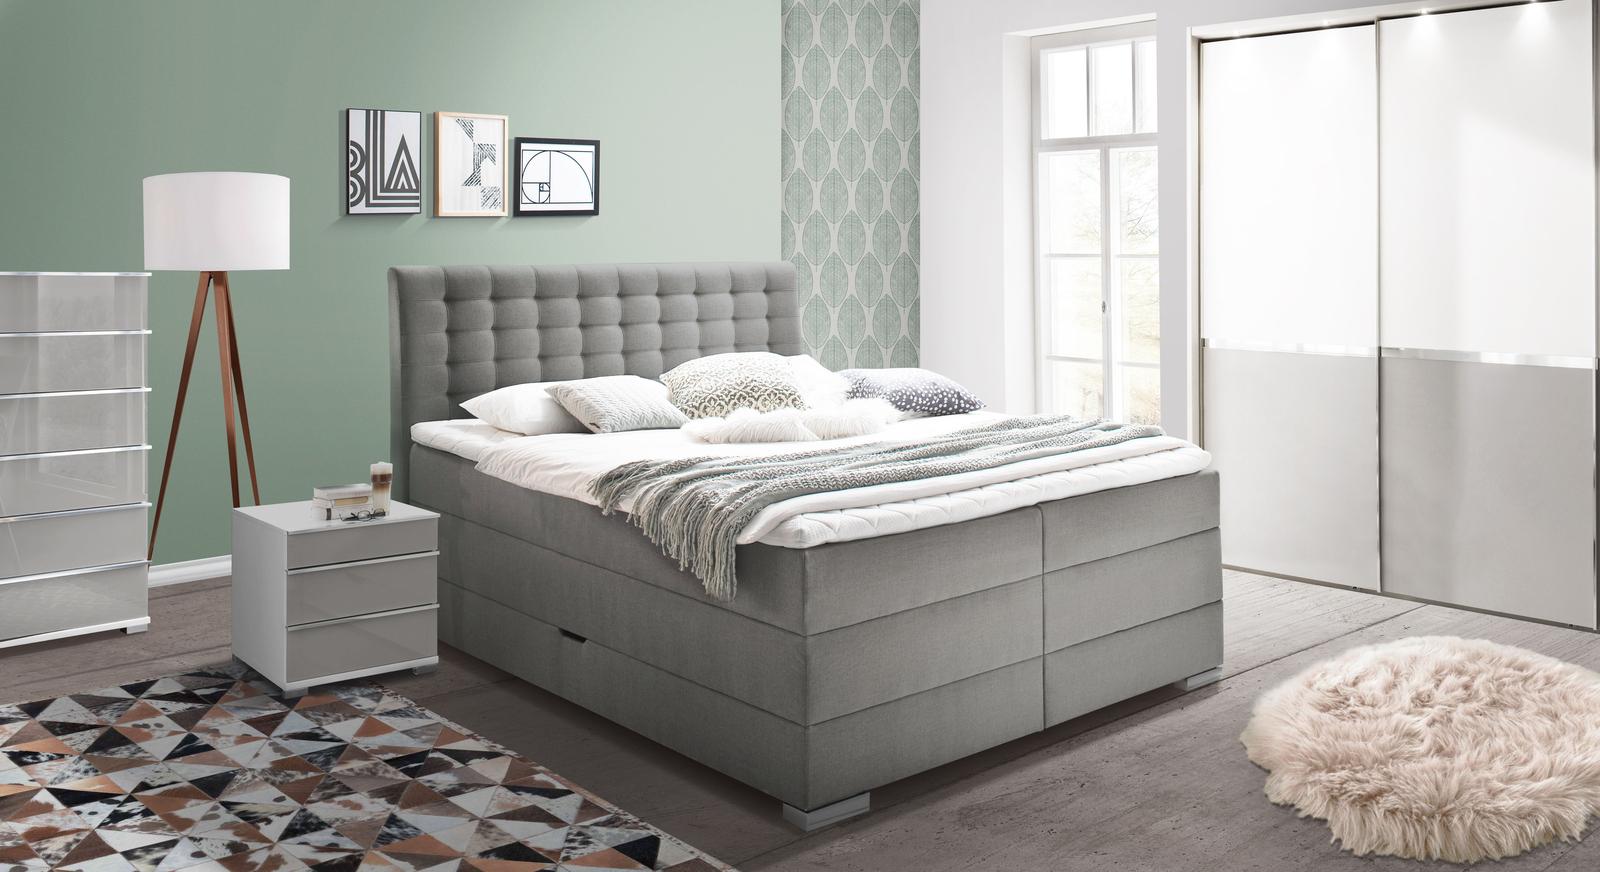 Bettkasten-Boxspringbett Viviana mit passenden Schlafzimmermöbeln